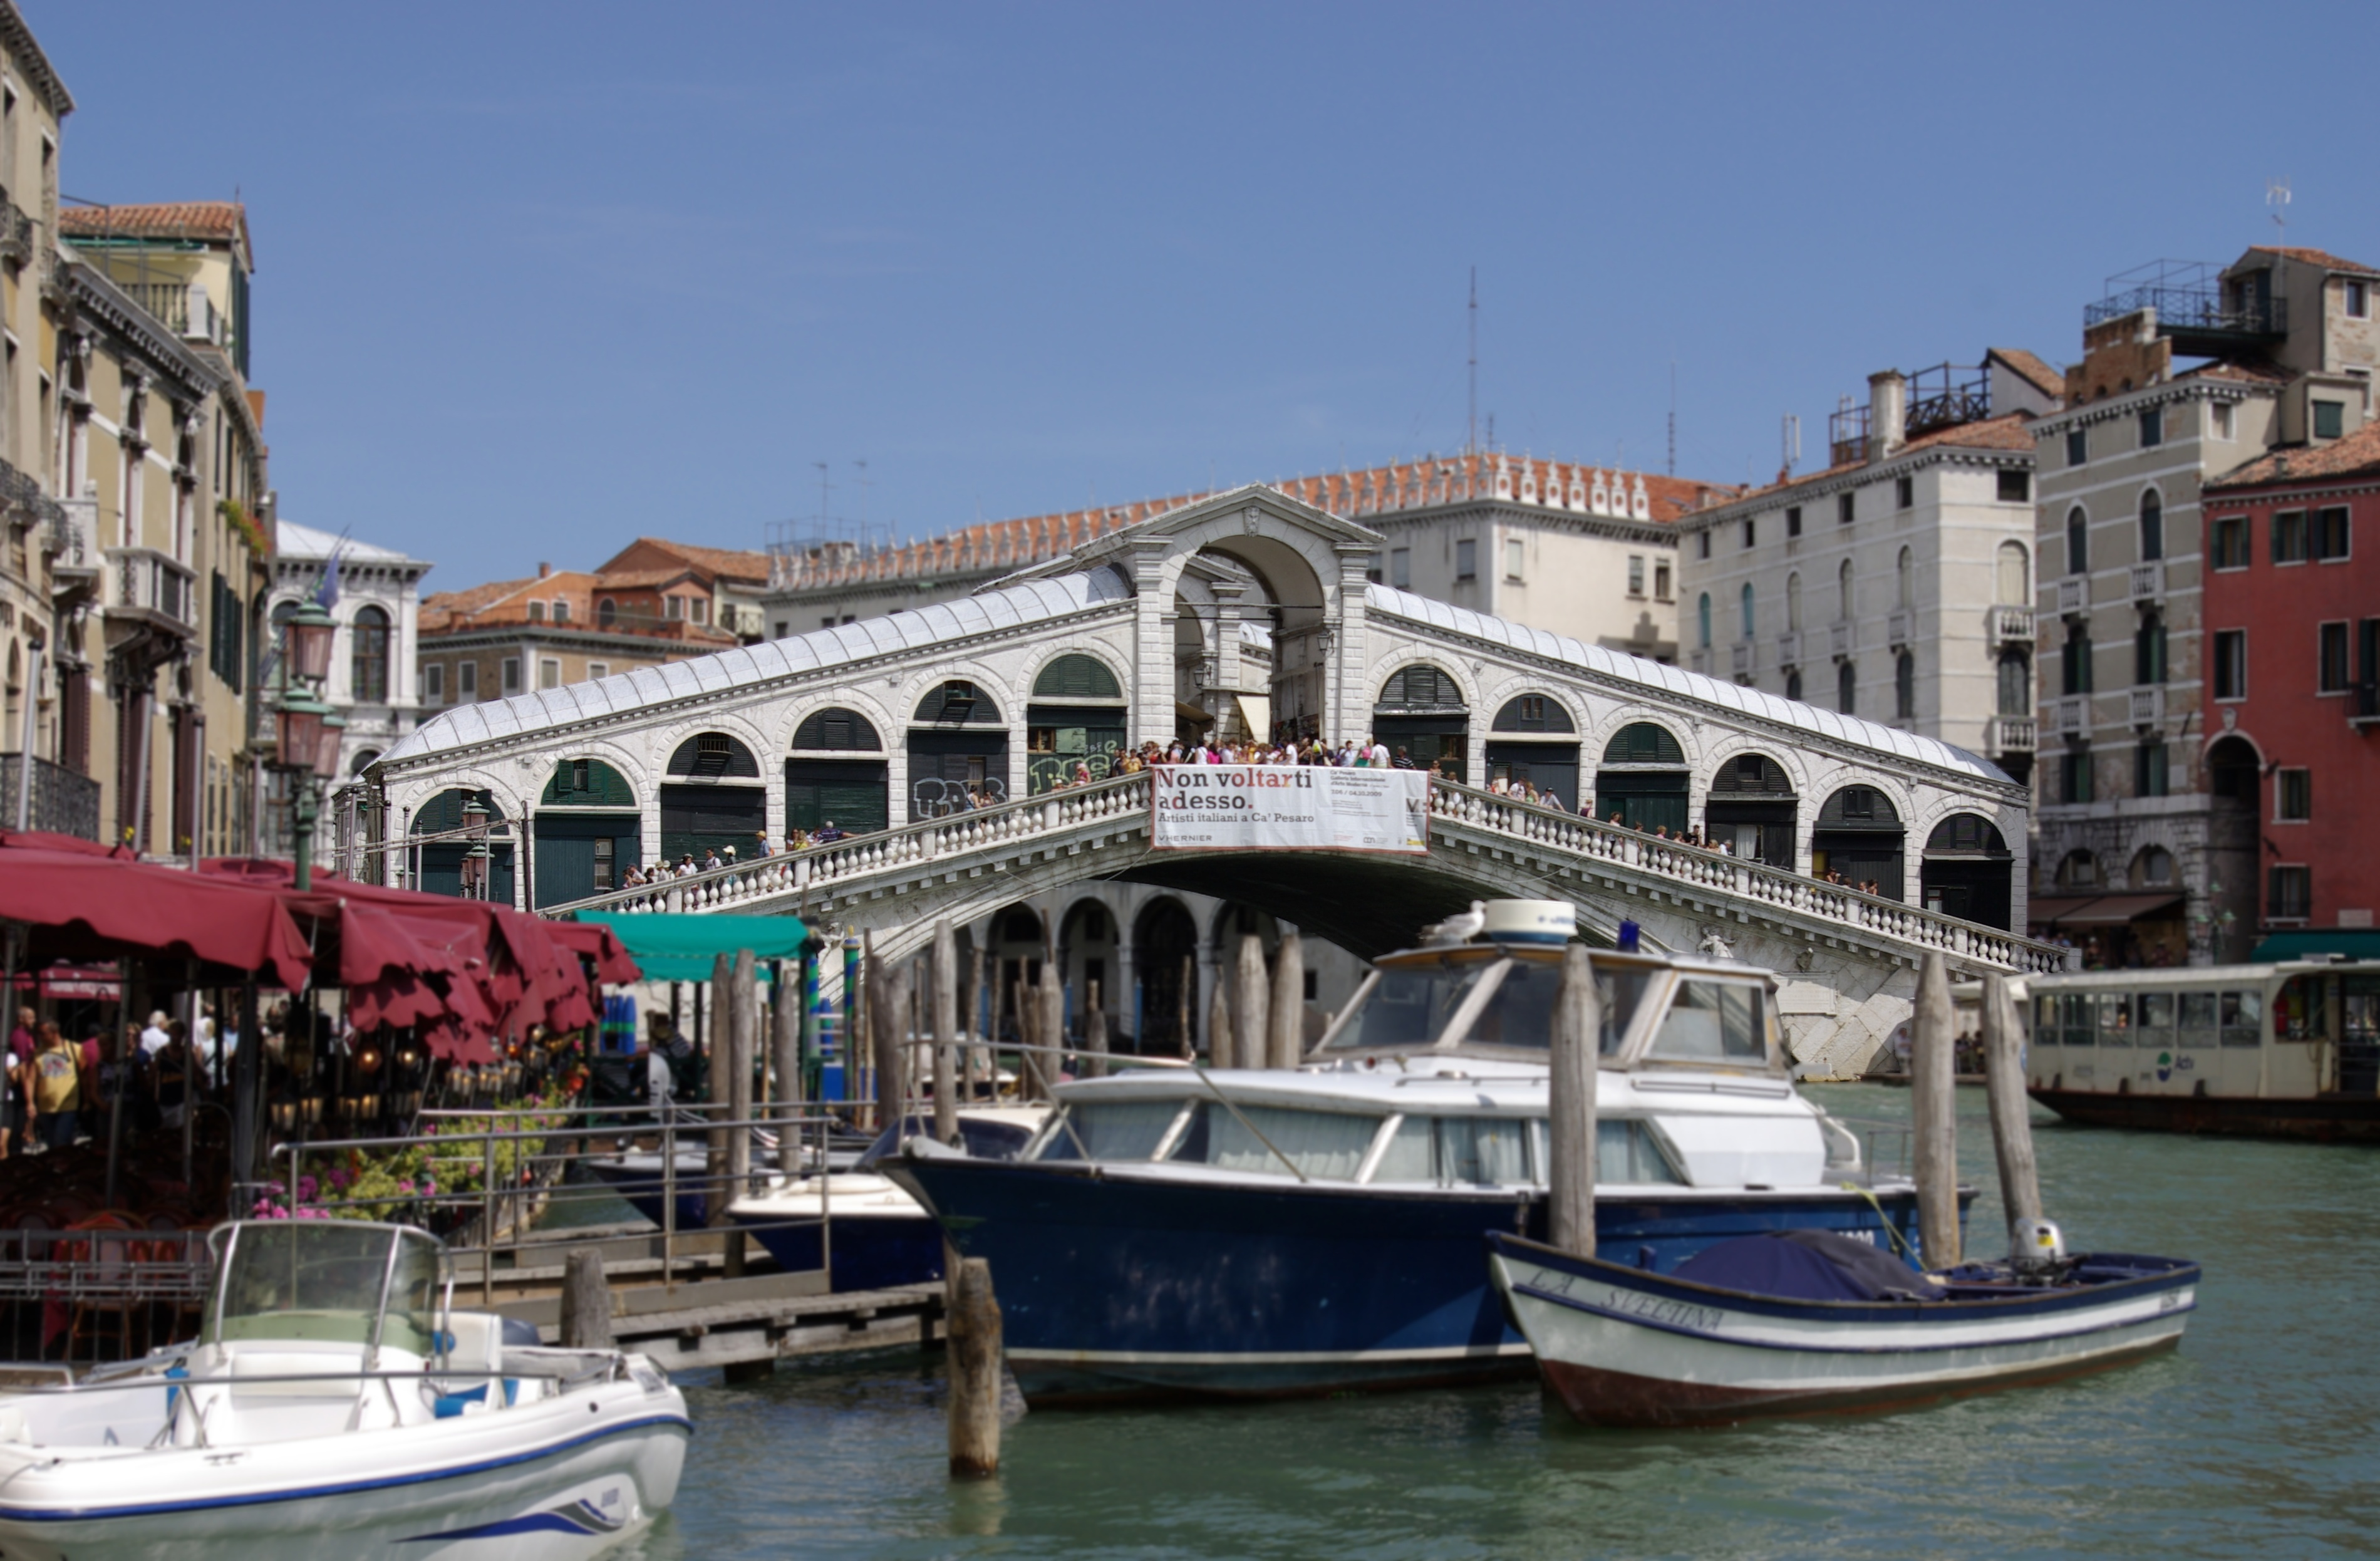 File:Venezia Ponte di Rialto 001.JPG - Wikimedia Commons